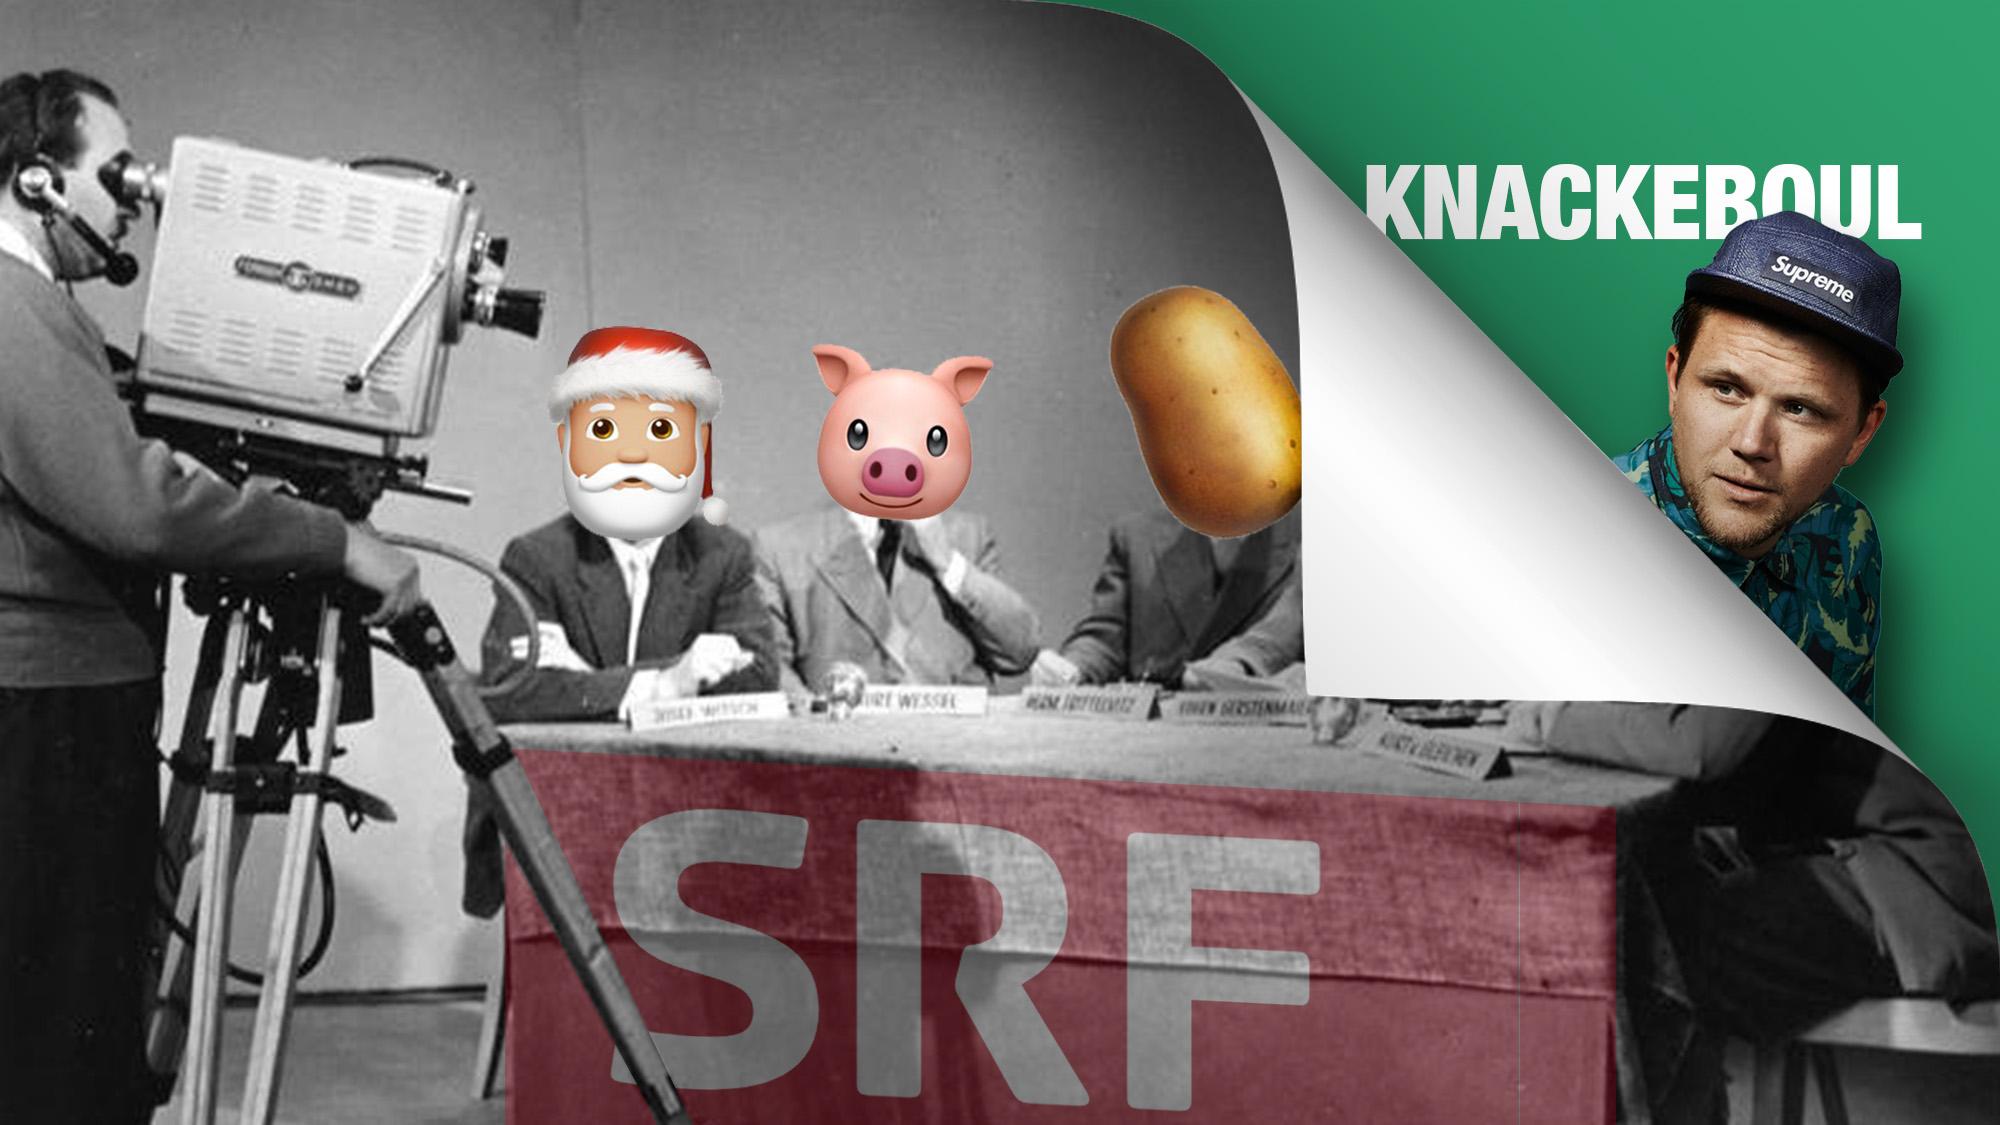 Fürchtet euch nicht vor den Kleinbürgern. Knackeboul wünscht sich vom SRF mehr Mut.